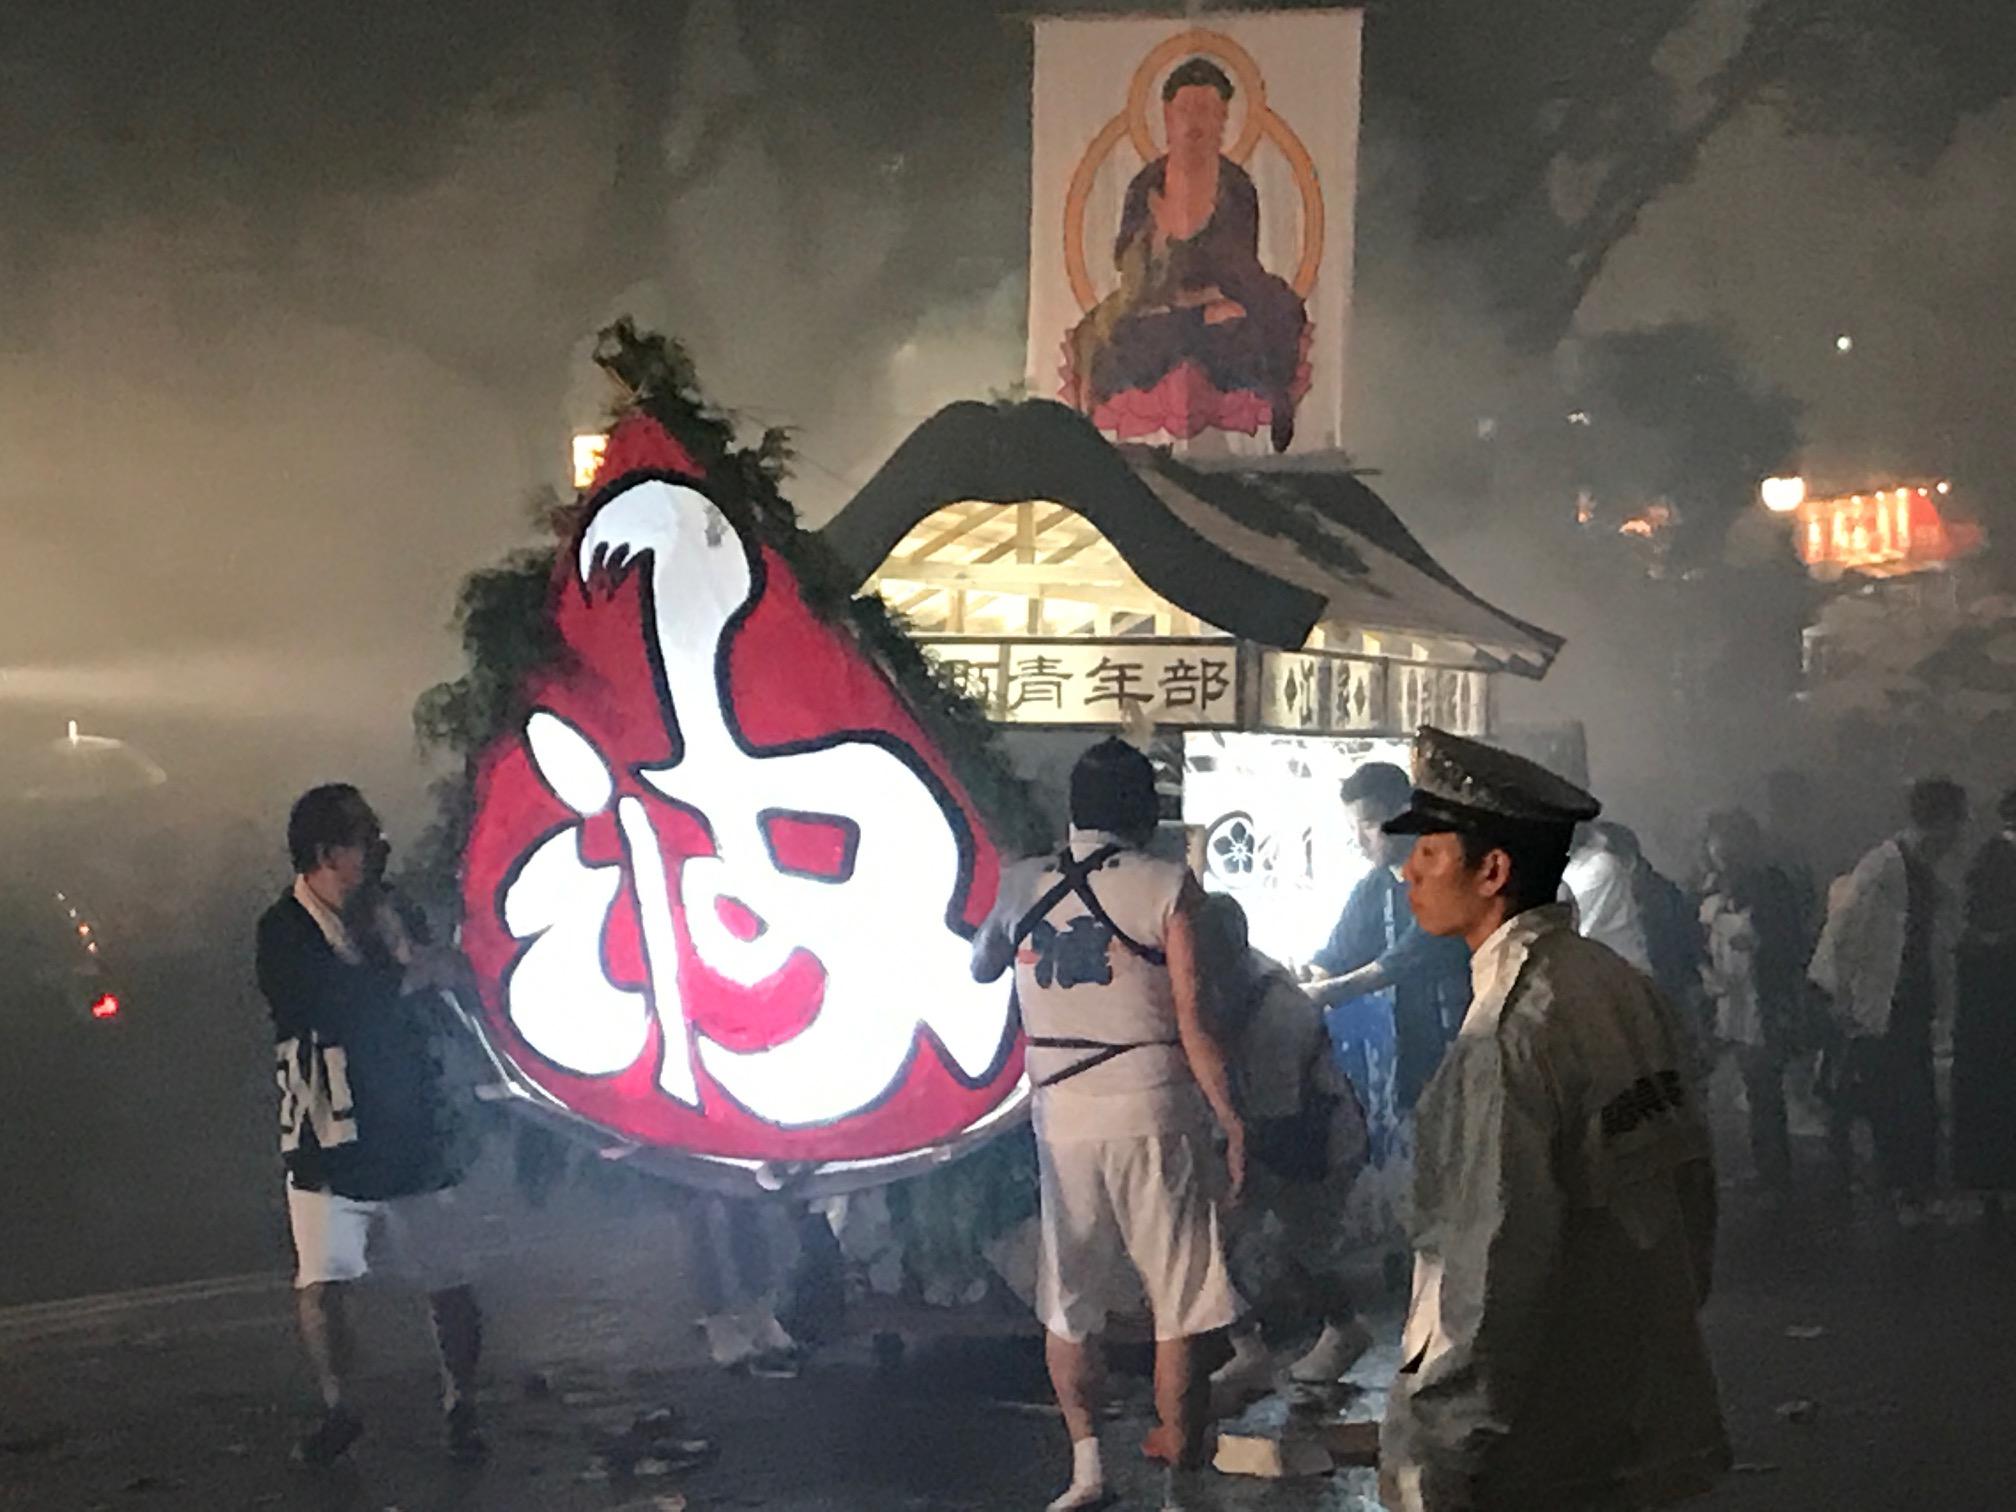 【鹿児島山形屋】長崎物産展が9月13日から開催!長崎県民の私が愛するアレコレが買えるよ!